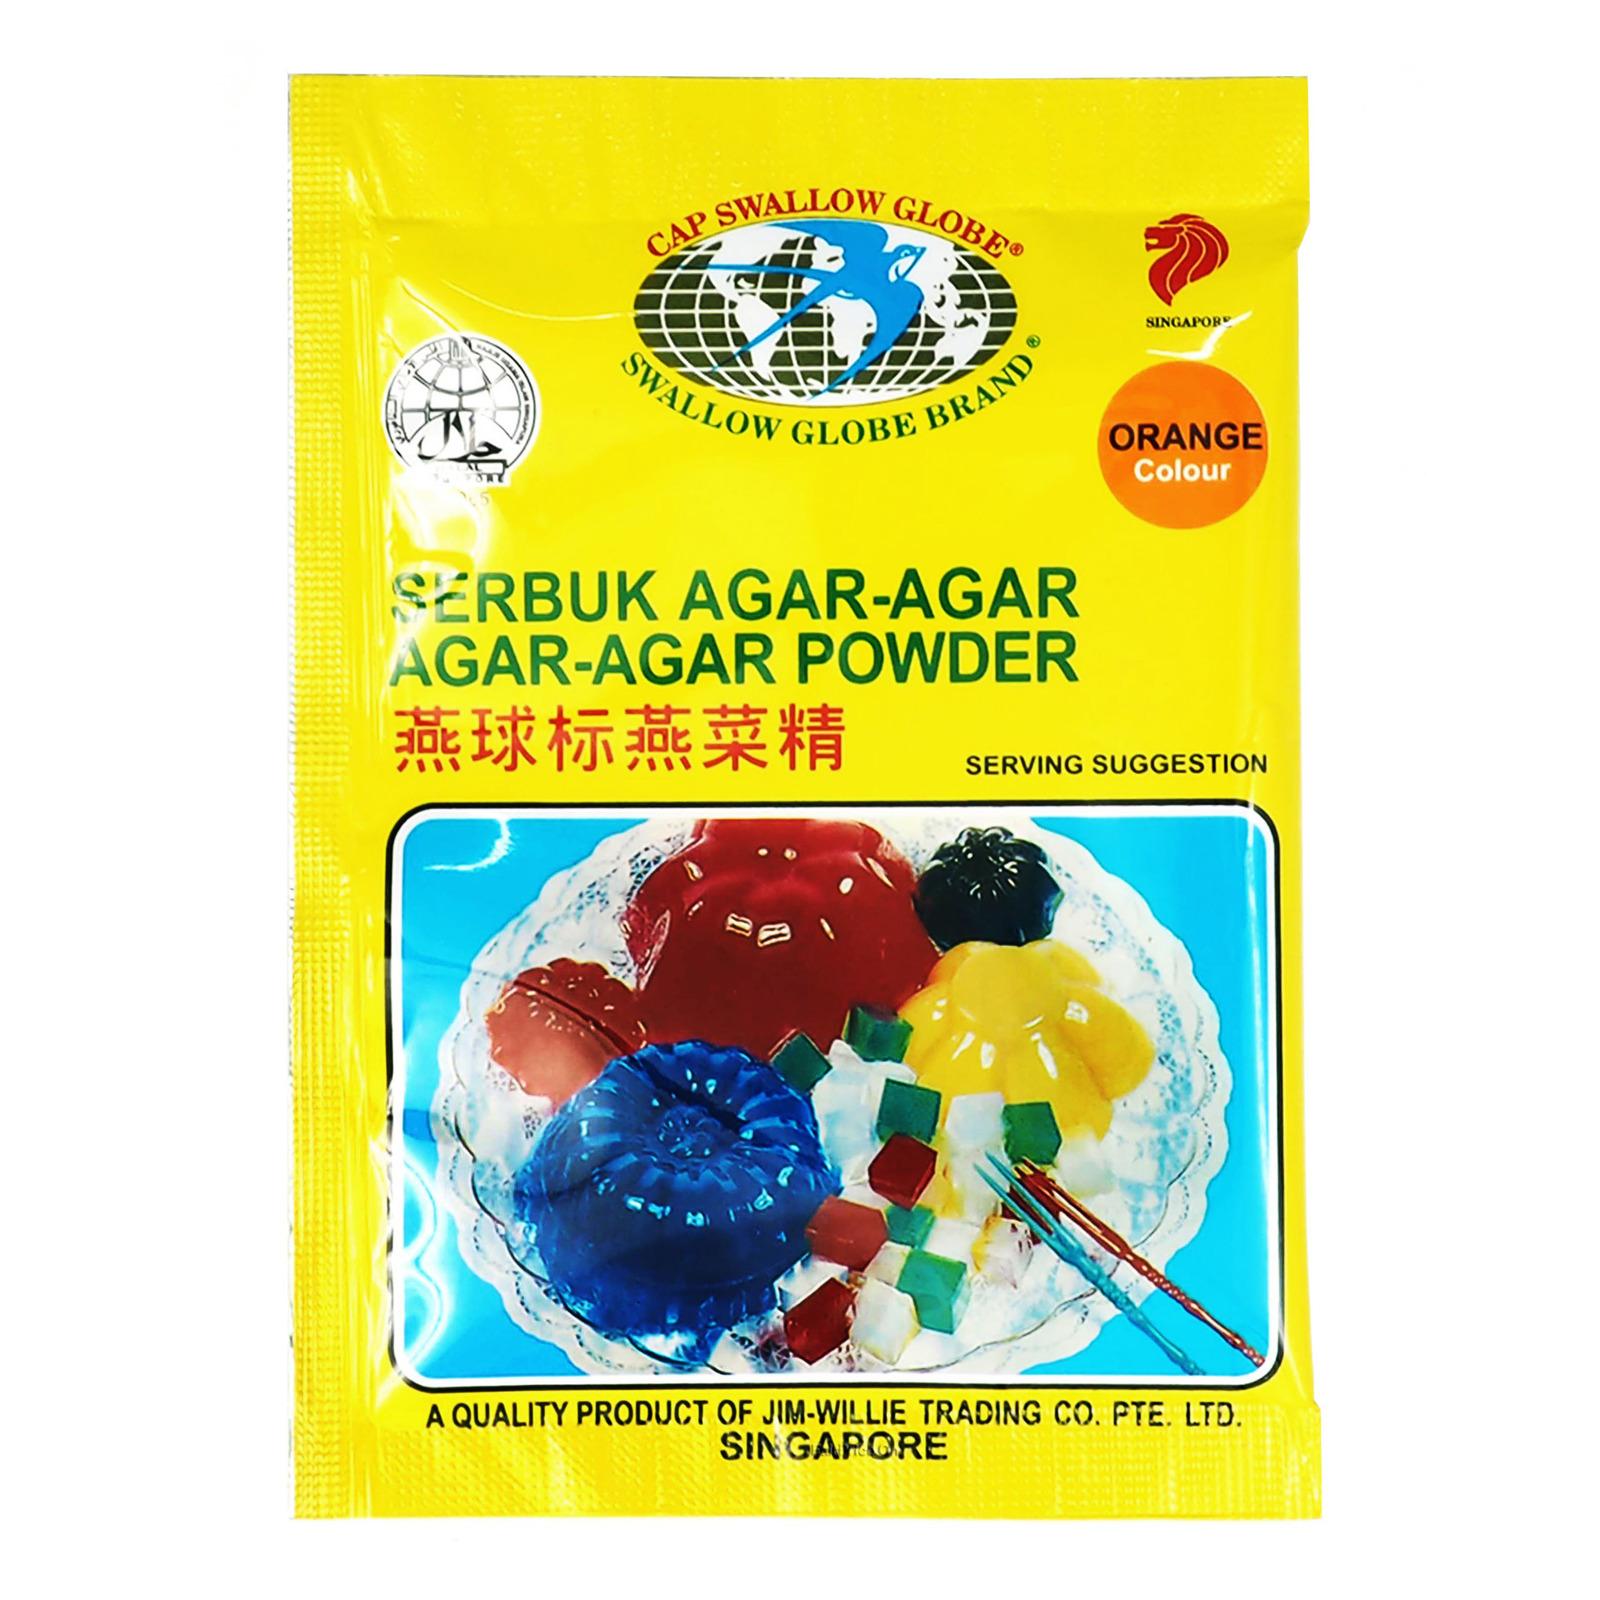 malay words - agar-agar powder